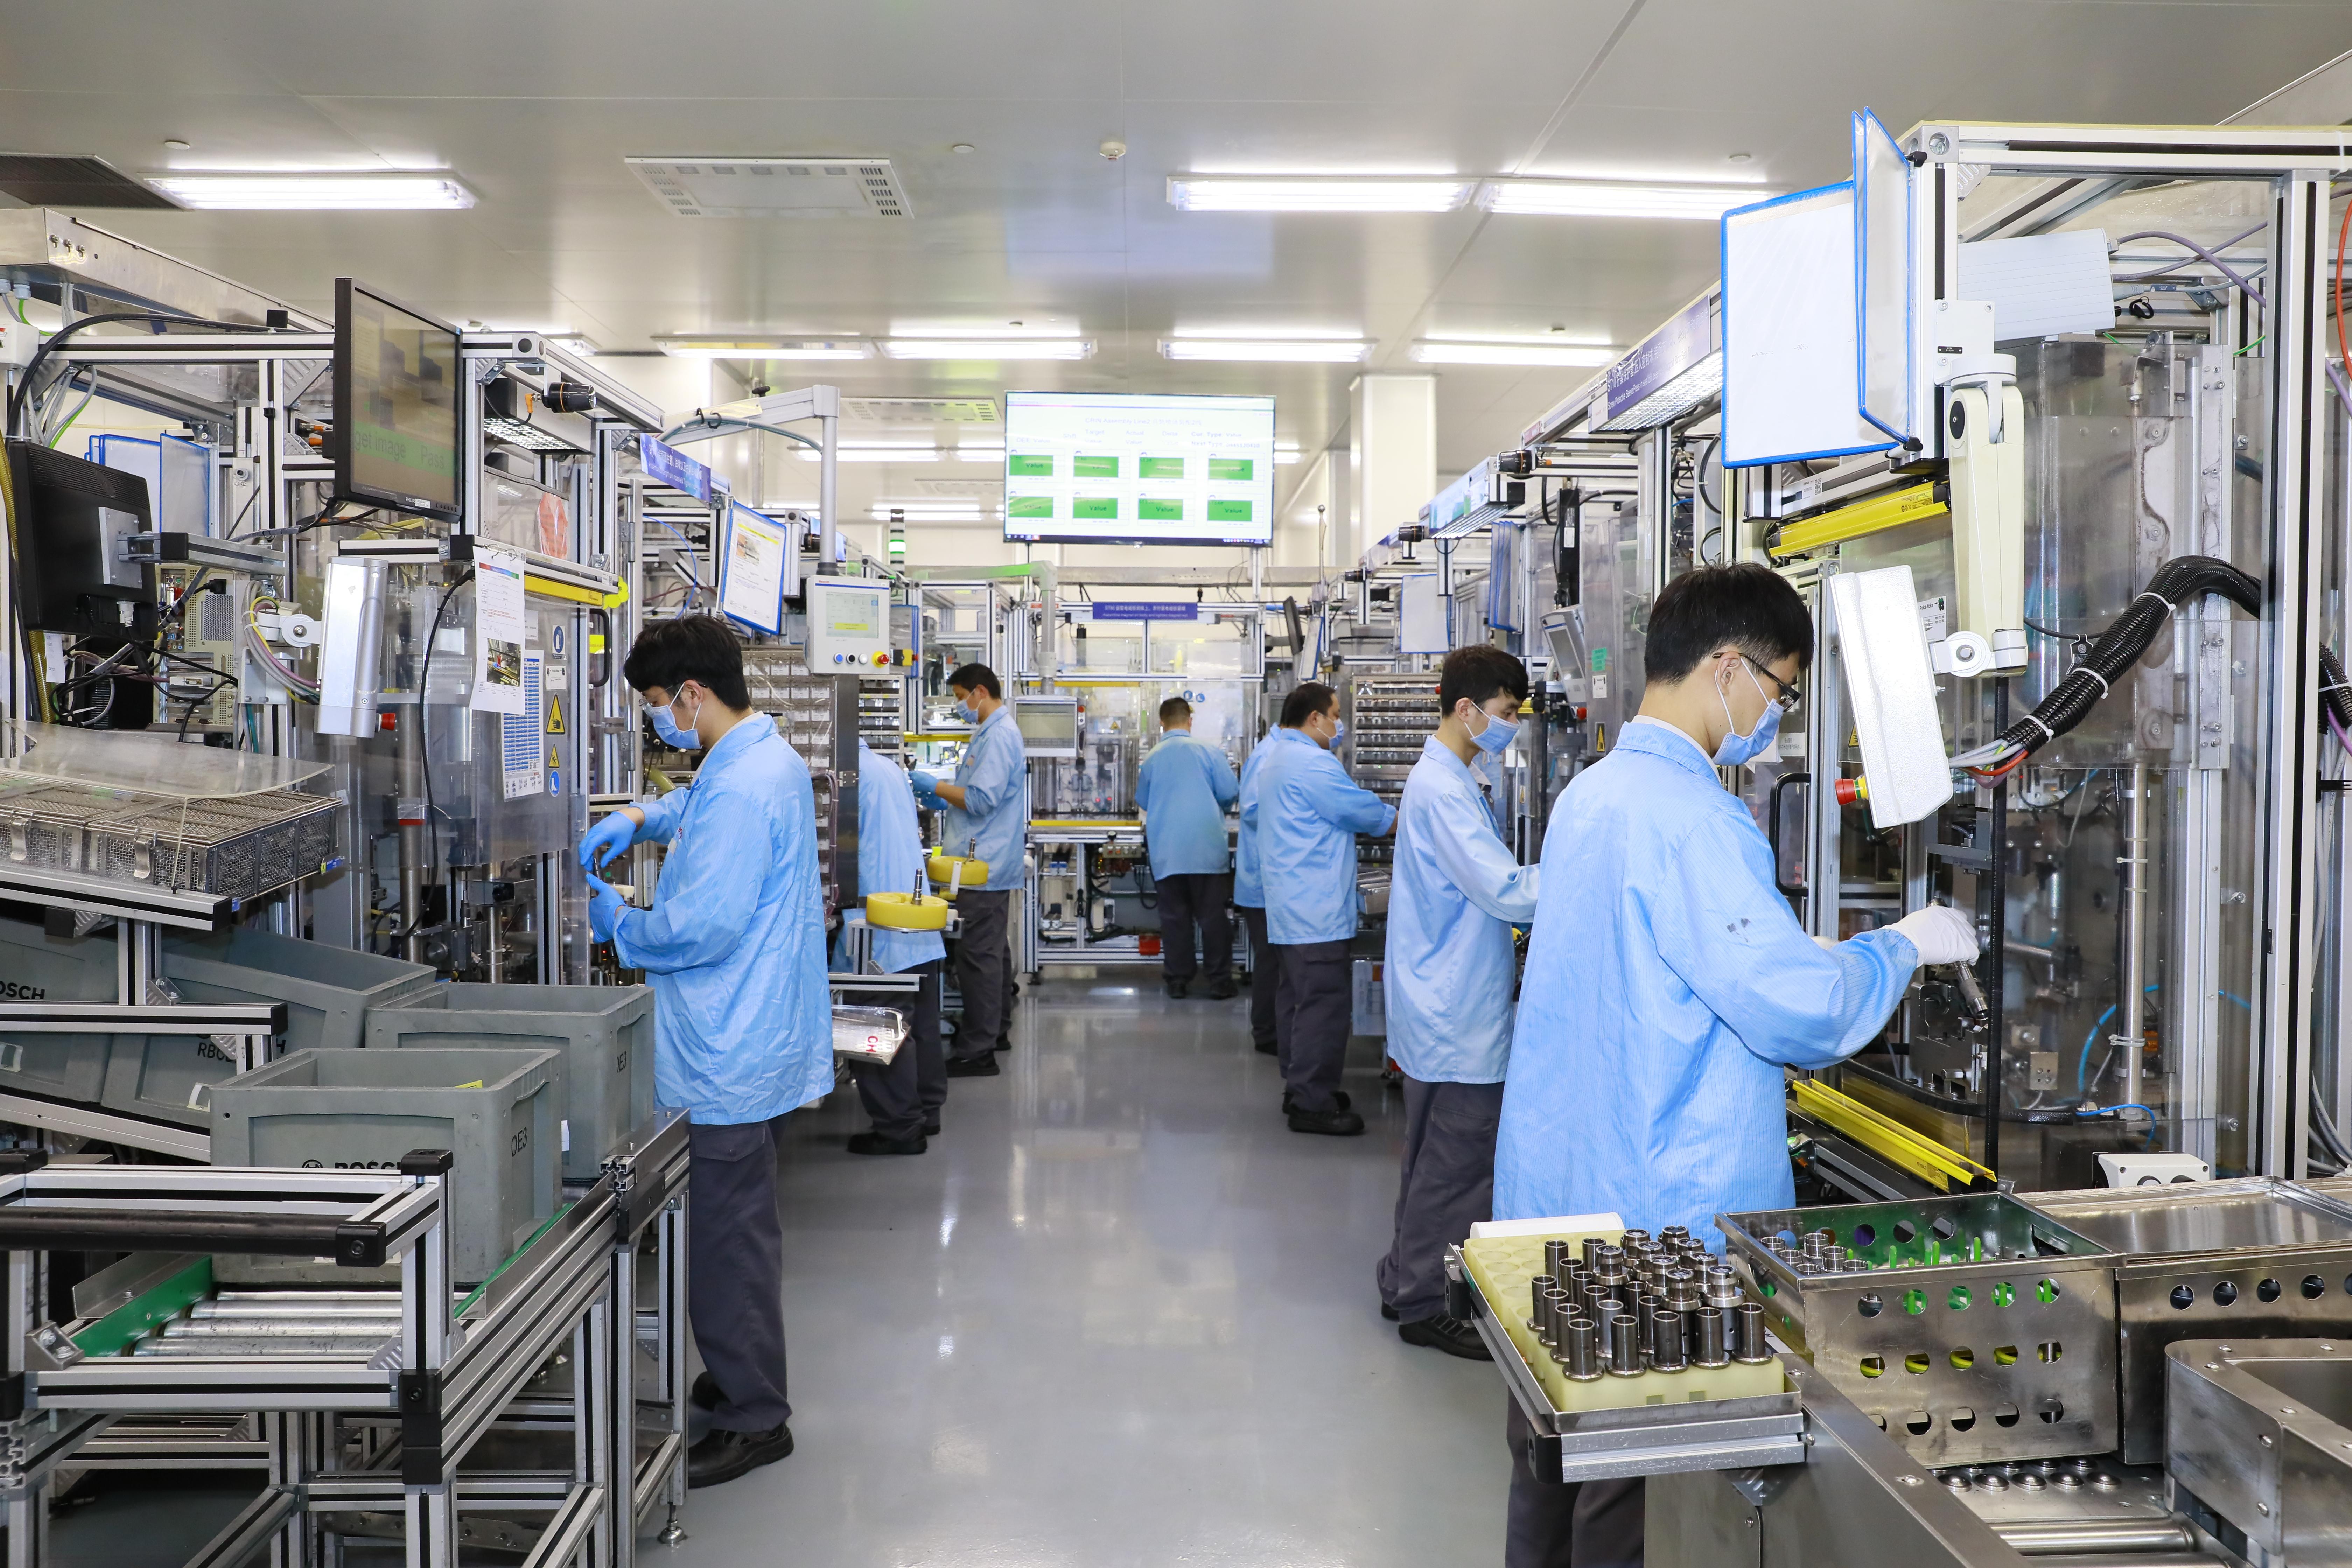 Coronavirus pandemic: preparing for gradual manufacturing ramp-up